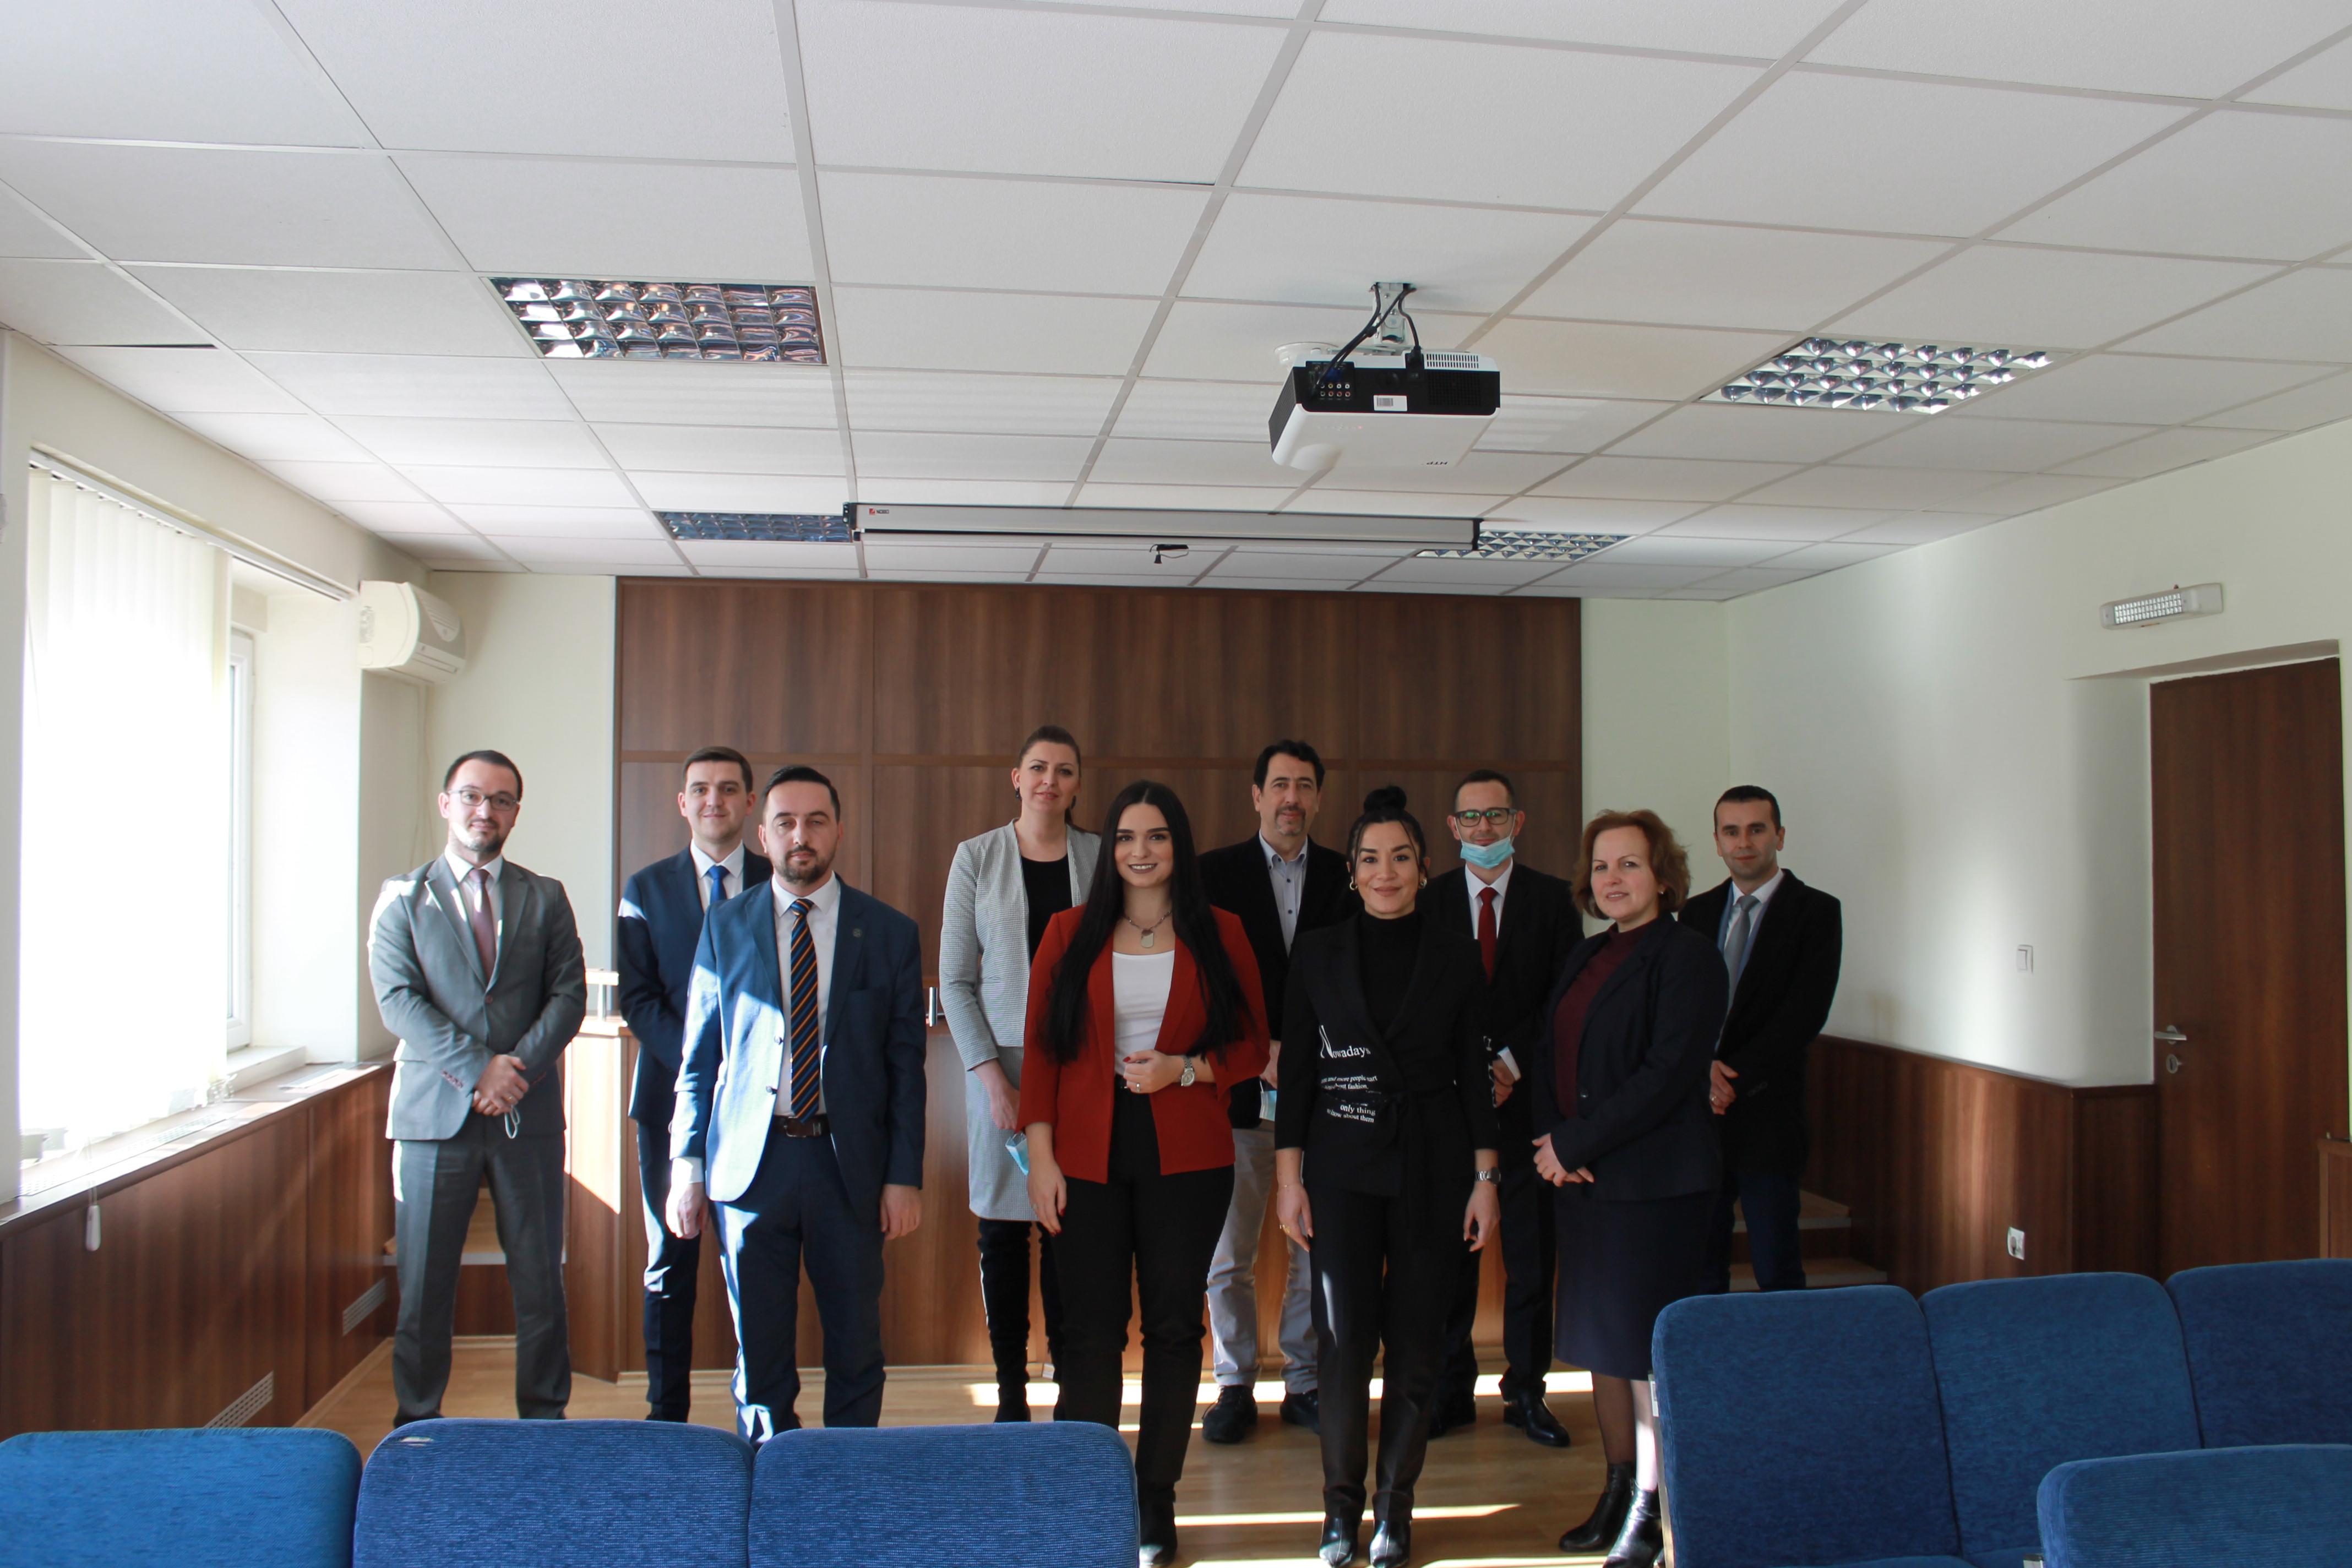 Kryetari i Gjykatës Themelore në Mitrovicë Nikola Kabasic, ka pritur 9 (nëntë) gjyqtarët e rinjë.